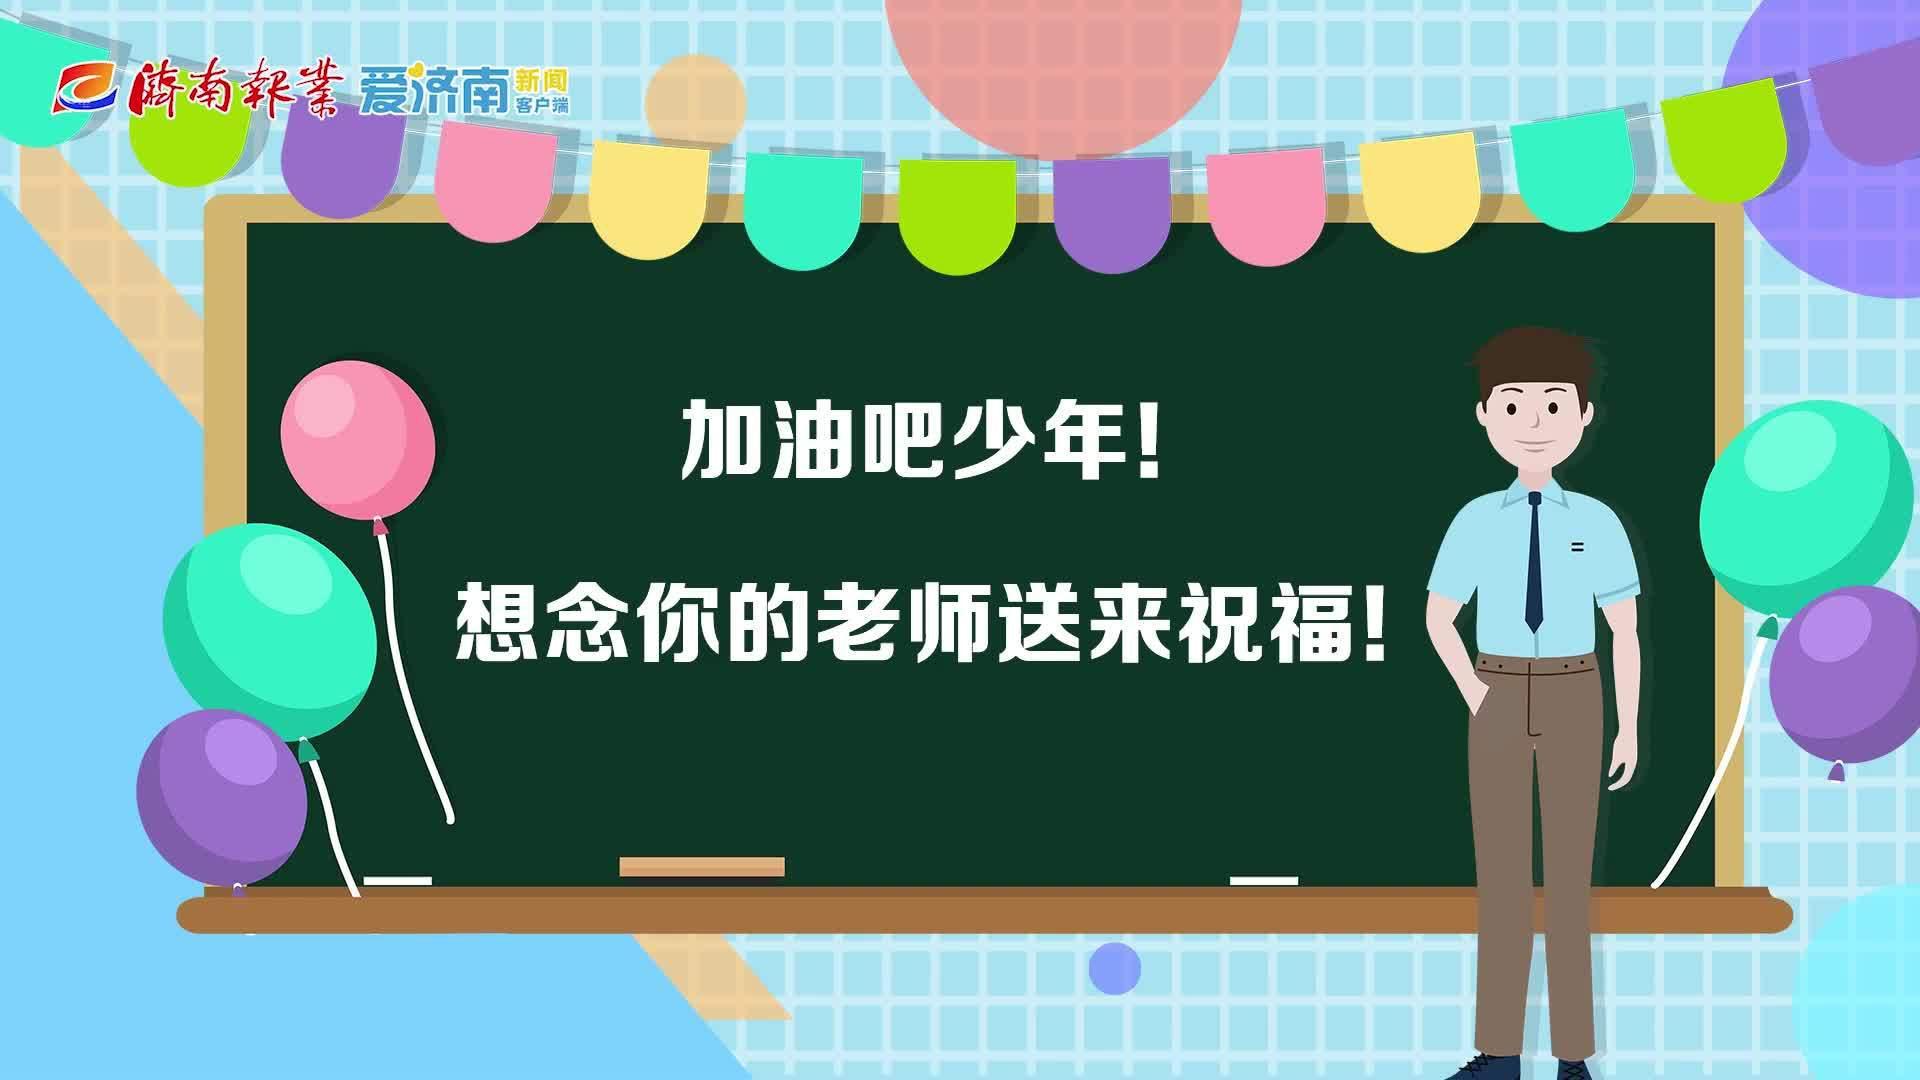 高考人物志 | 看黑板!这节课是高三老师的送考故事